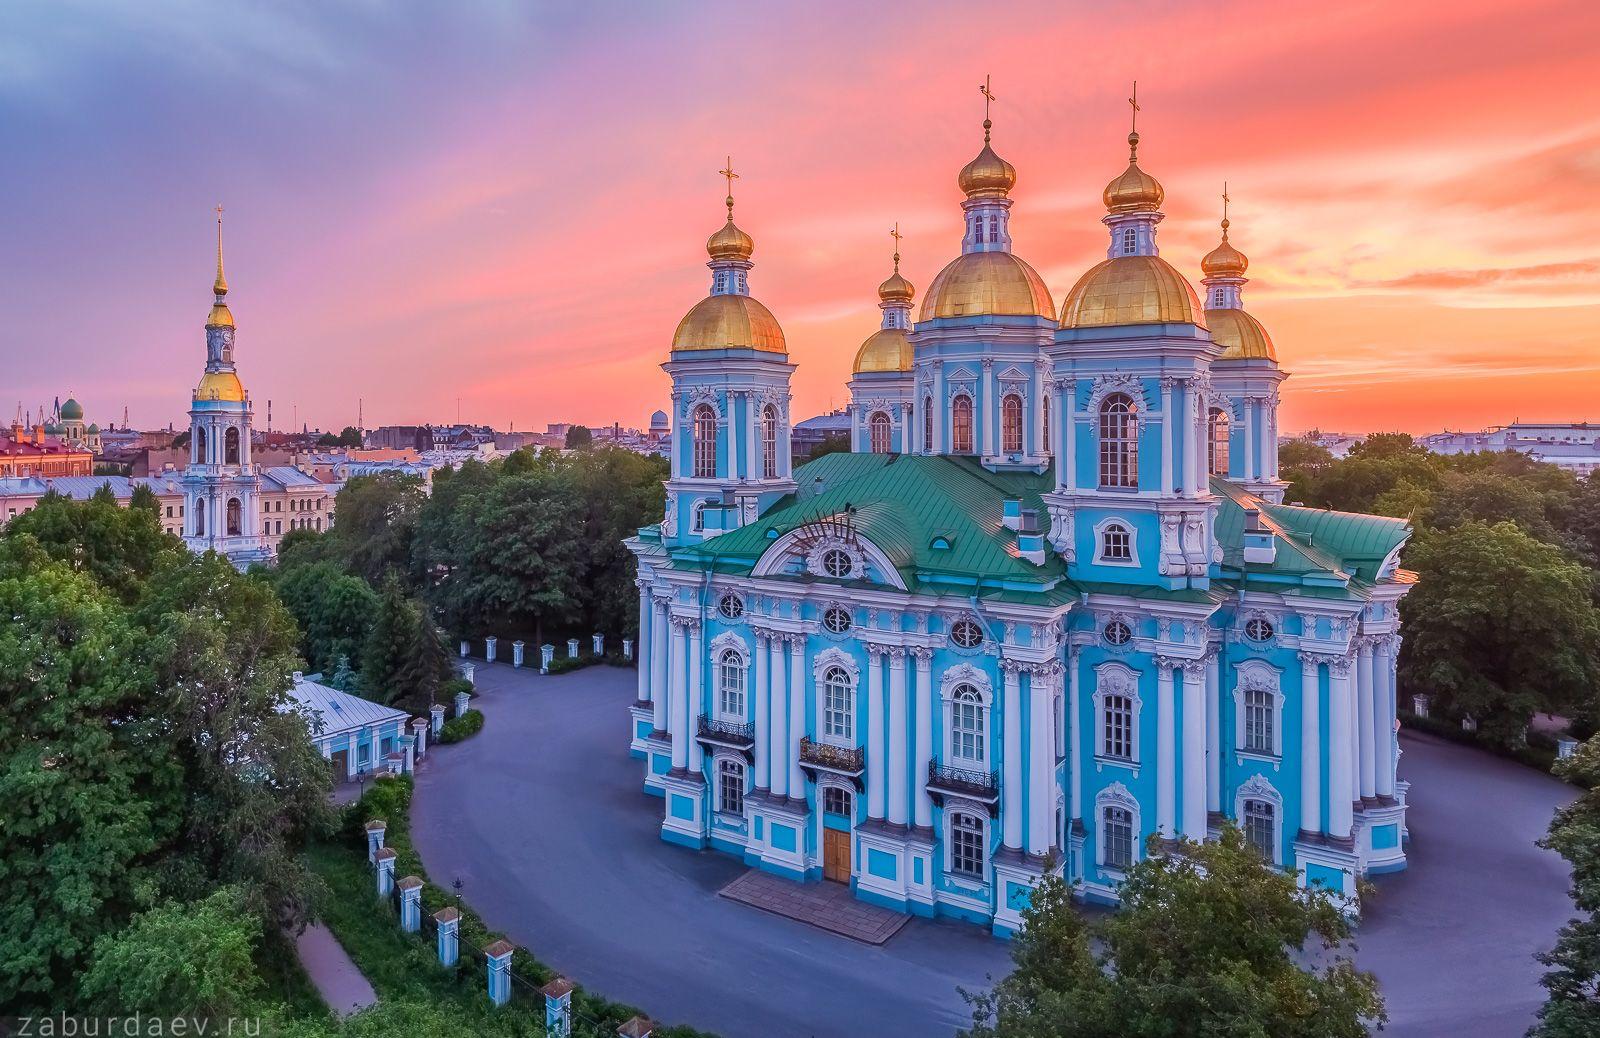 Никольский собор россия петербург вечер лето закат